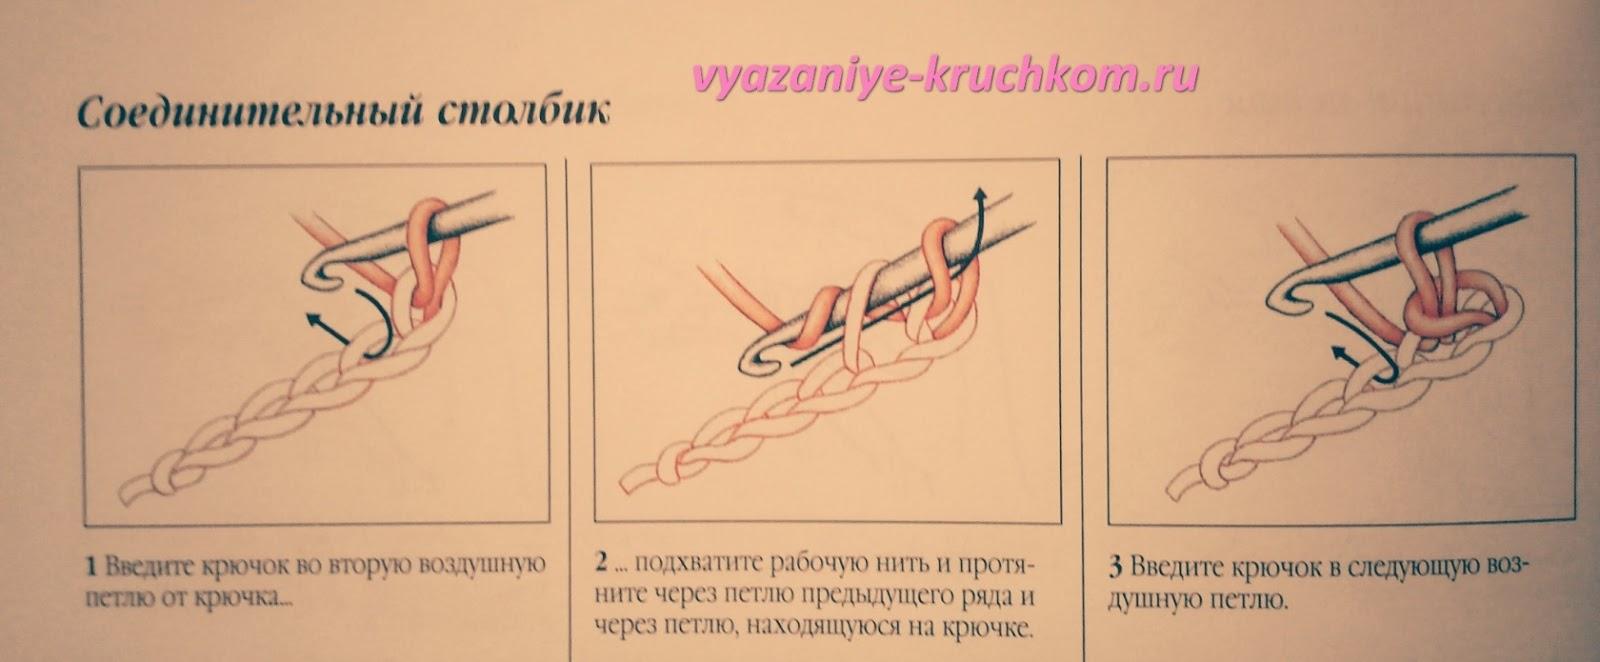 Вязание крючком соединительный столбик без накида